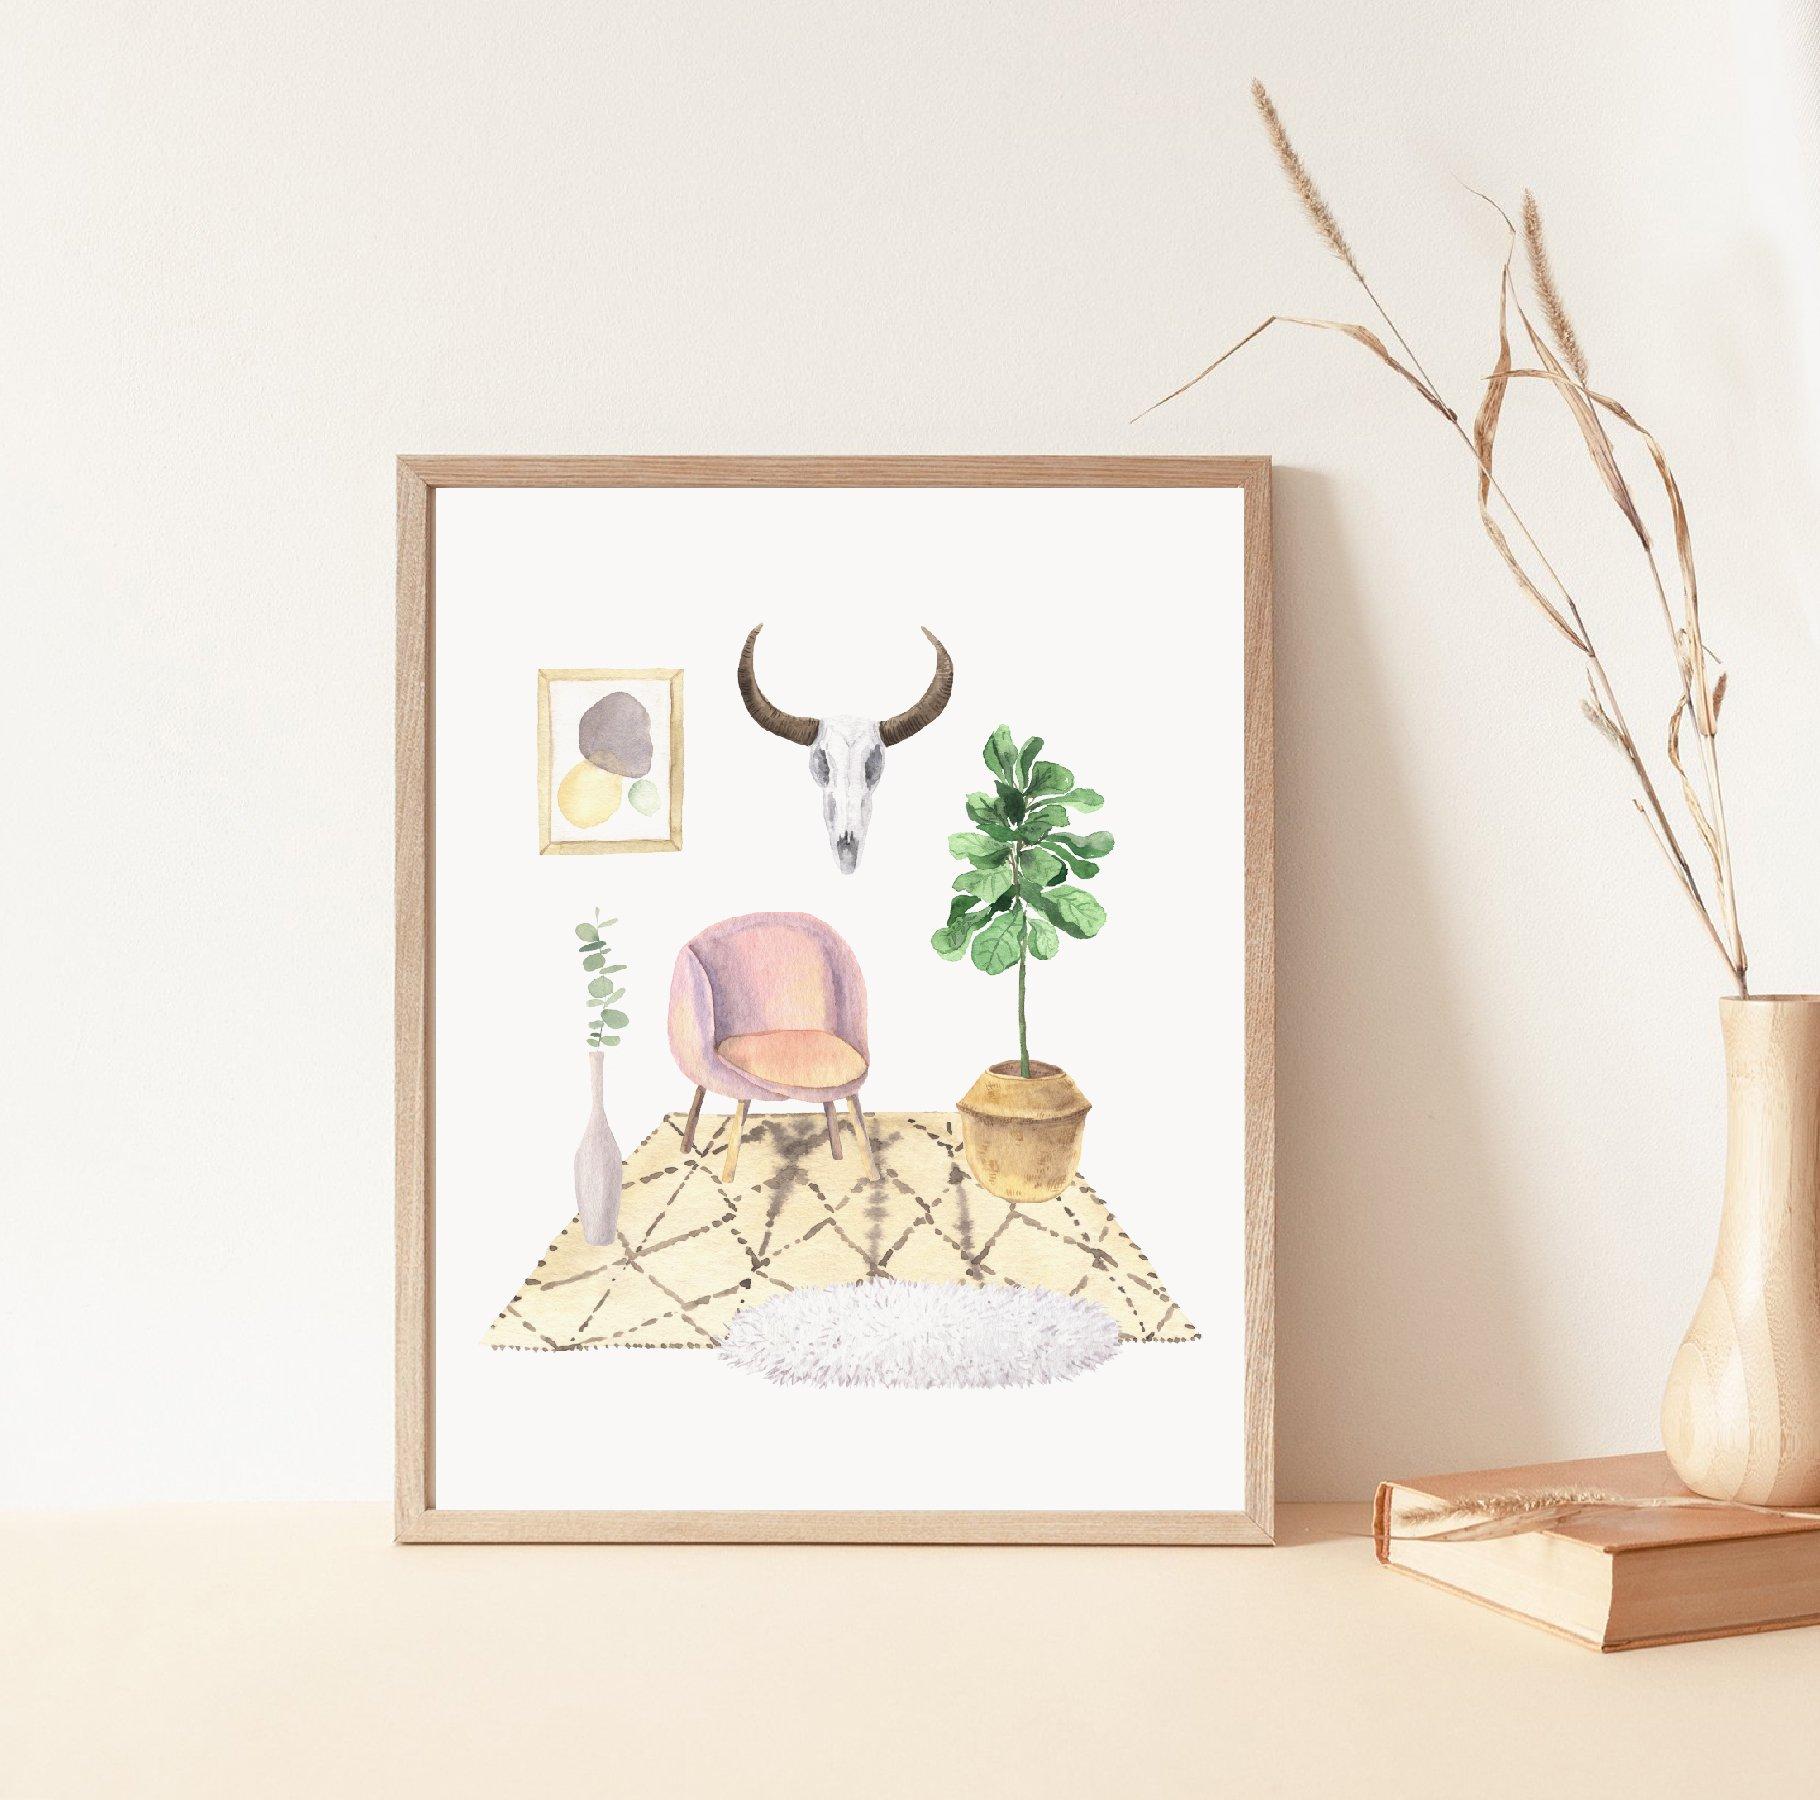 现代新潮手绘波西米亚风室内盆栽植物水彩剪贴画PNG免抠图片素材 Boho Home Interior Clipart插图(6)